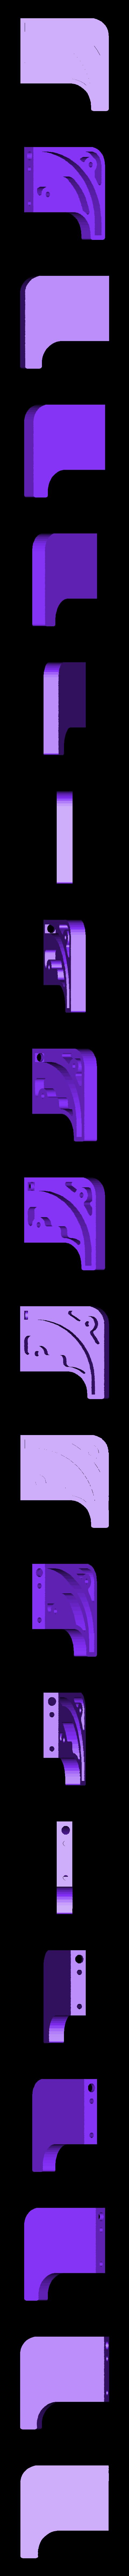 Case_Line.STL Télécharger fichier STL gratuit Capteur de faux-rond du filament • Plan imprimable en 3D, perinski